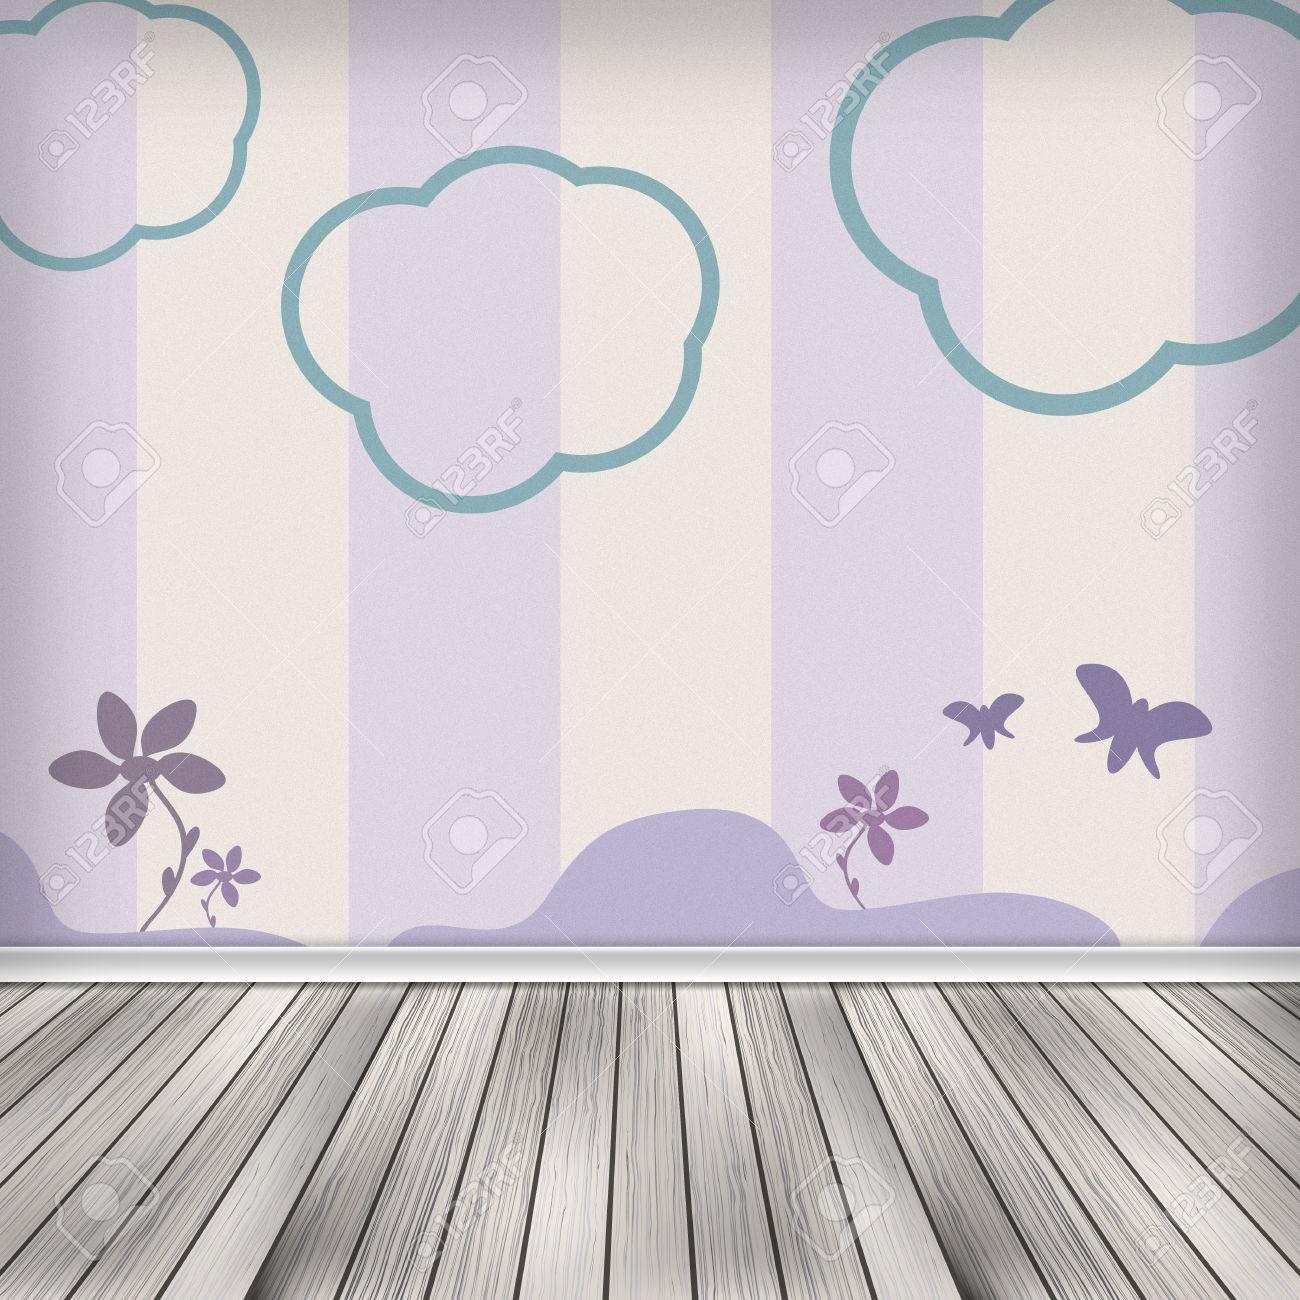 Full Size of Leeren Raum Tapeten Schlafzimmer Sofa Für Küche Regal Weiß Die Wohnzimmer Regale Fototapeten Kinderzimmer Tapeten Kinderzimmer